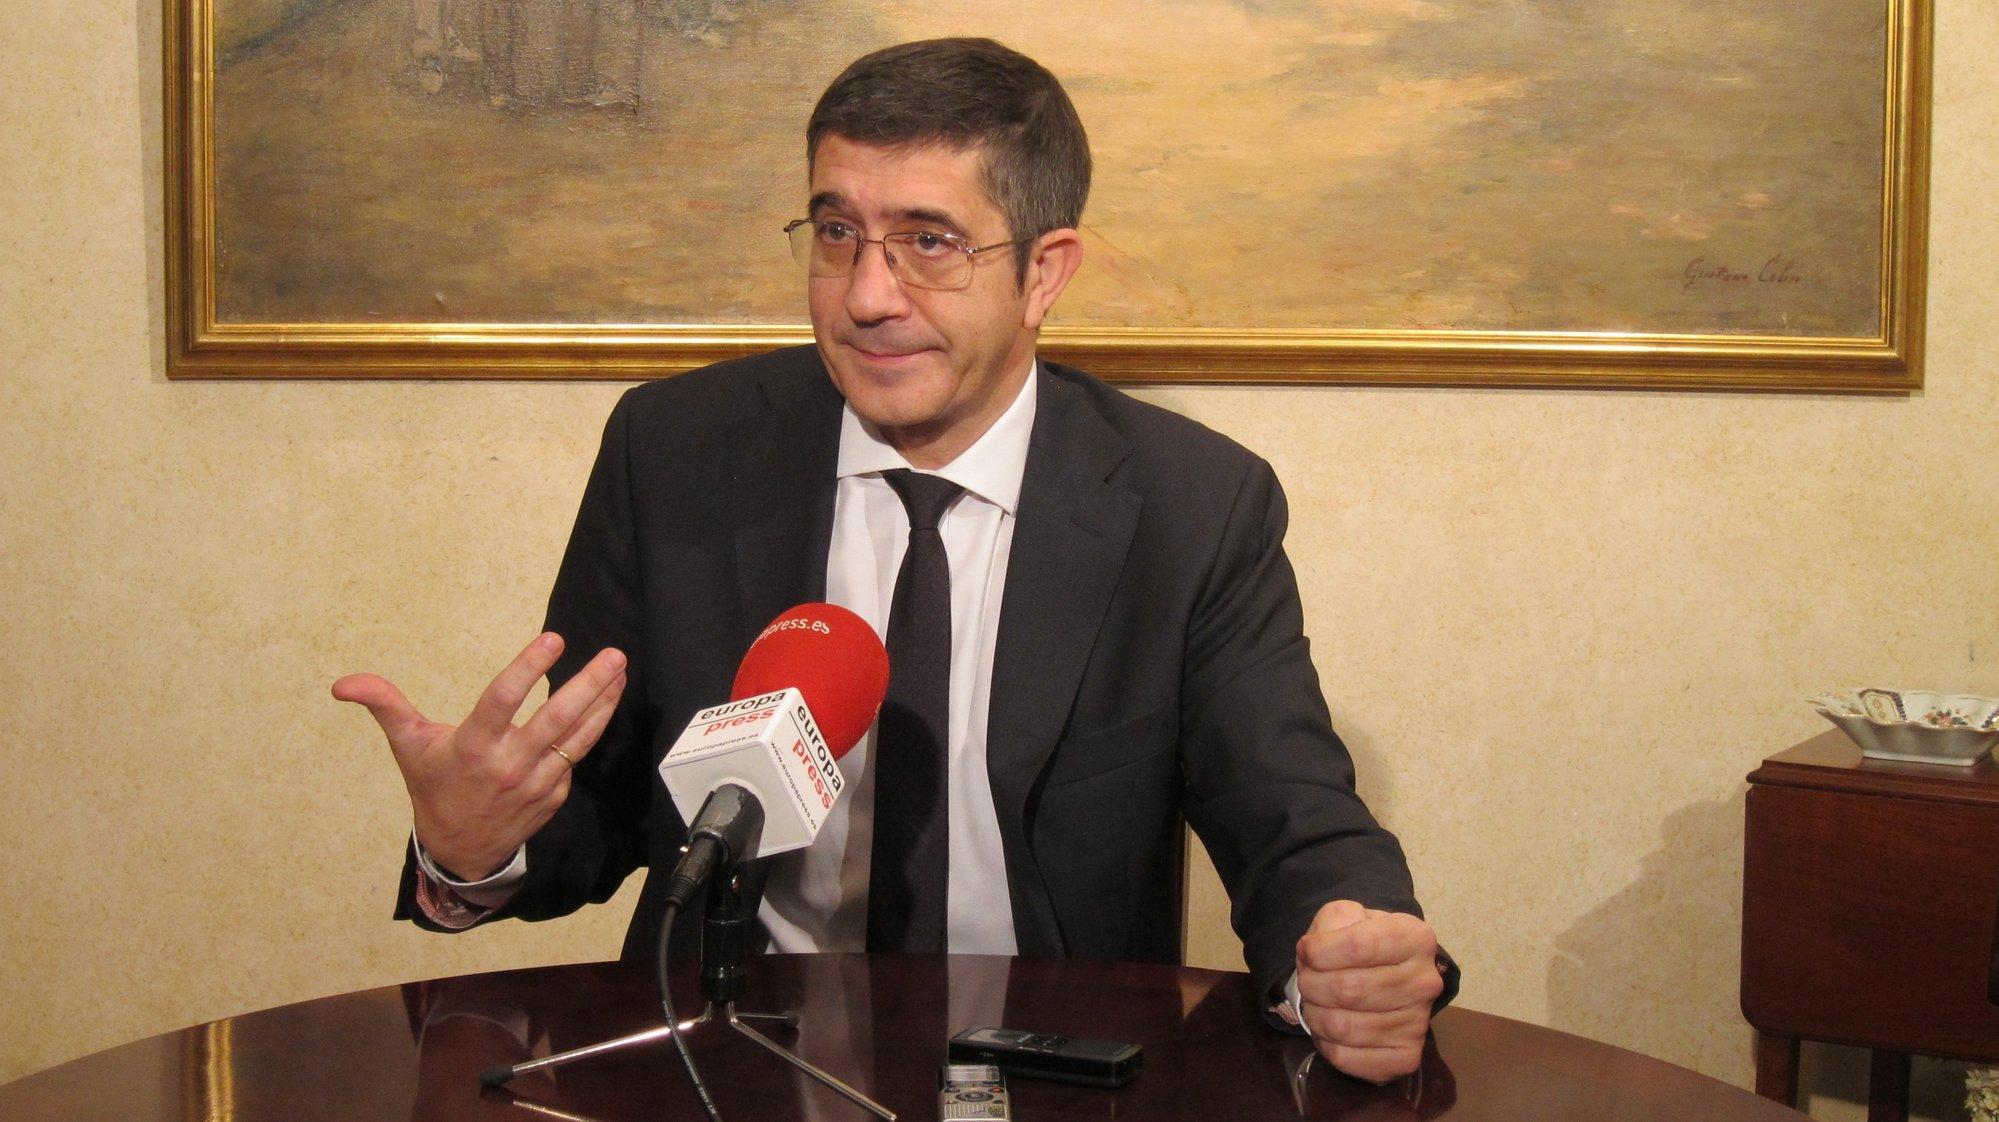 López pide a Urkullu que «vuelva a casa» y proponga su nuevo estatus en la Cámara antes de plantearlo »de saque» a Rajoy